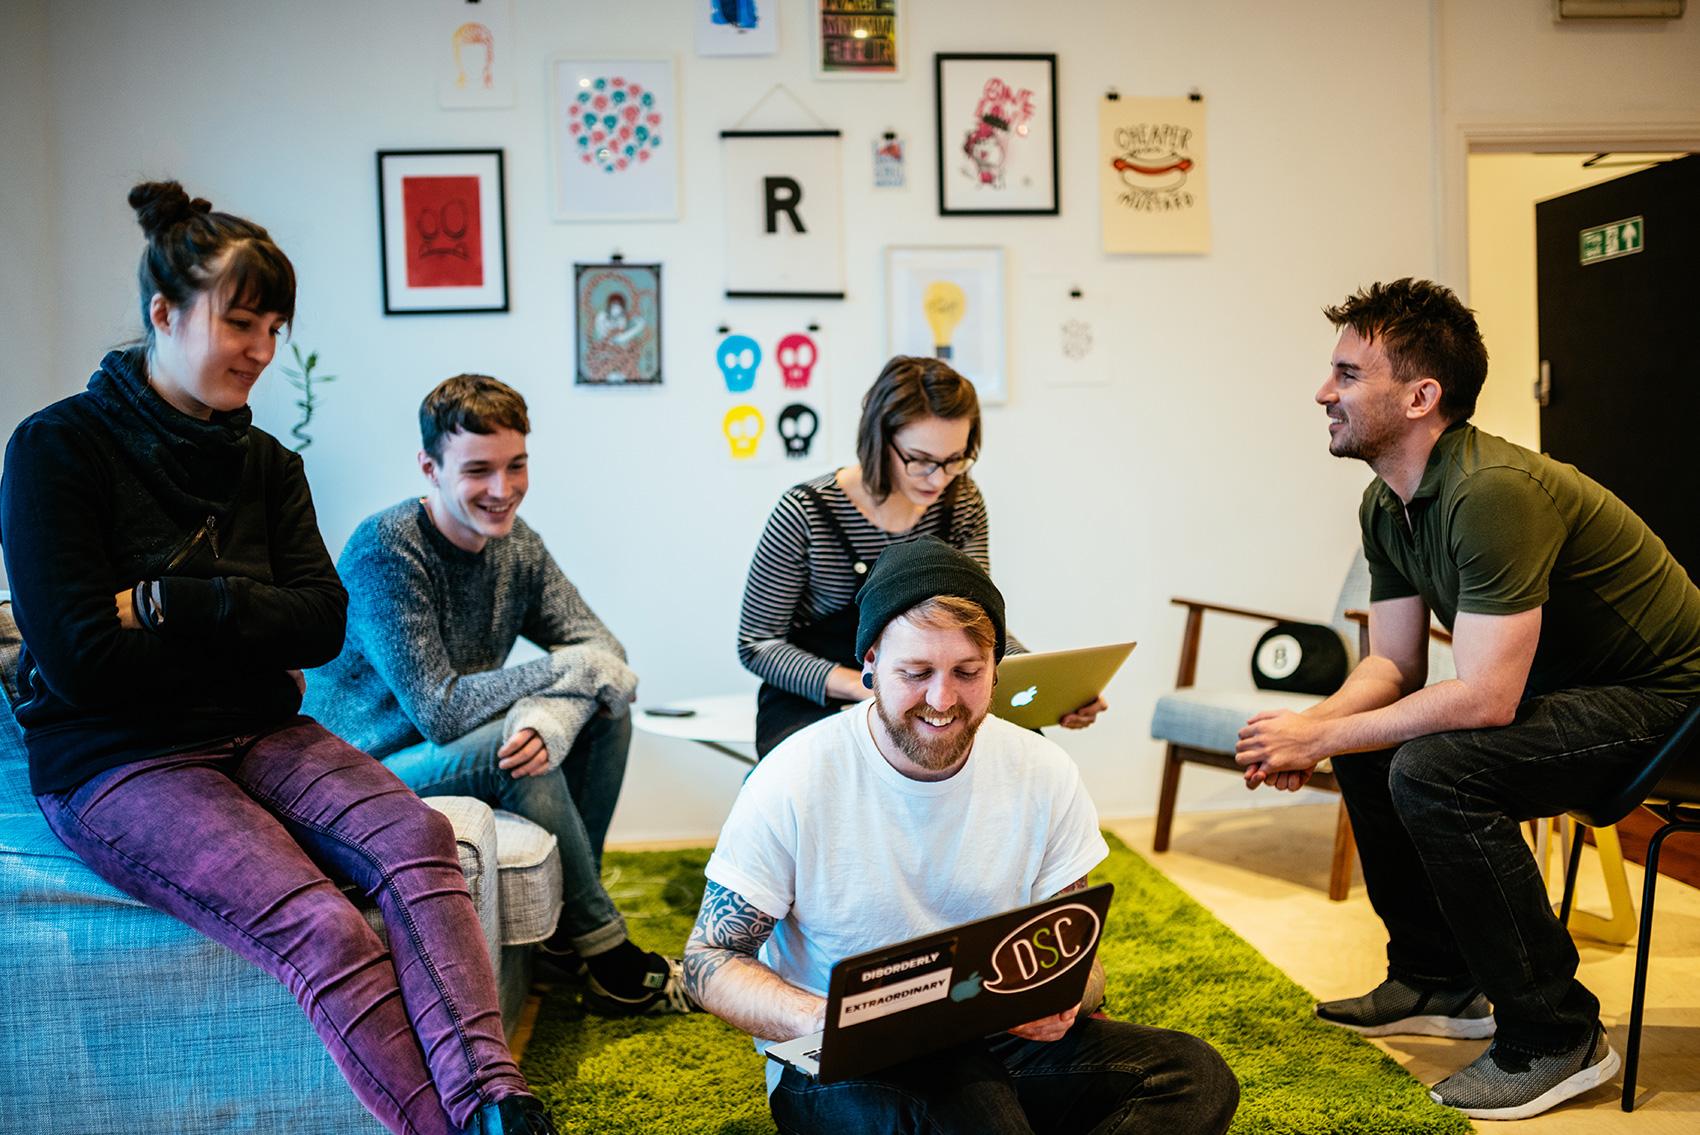 Rabble Coworking Members